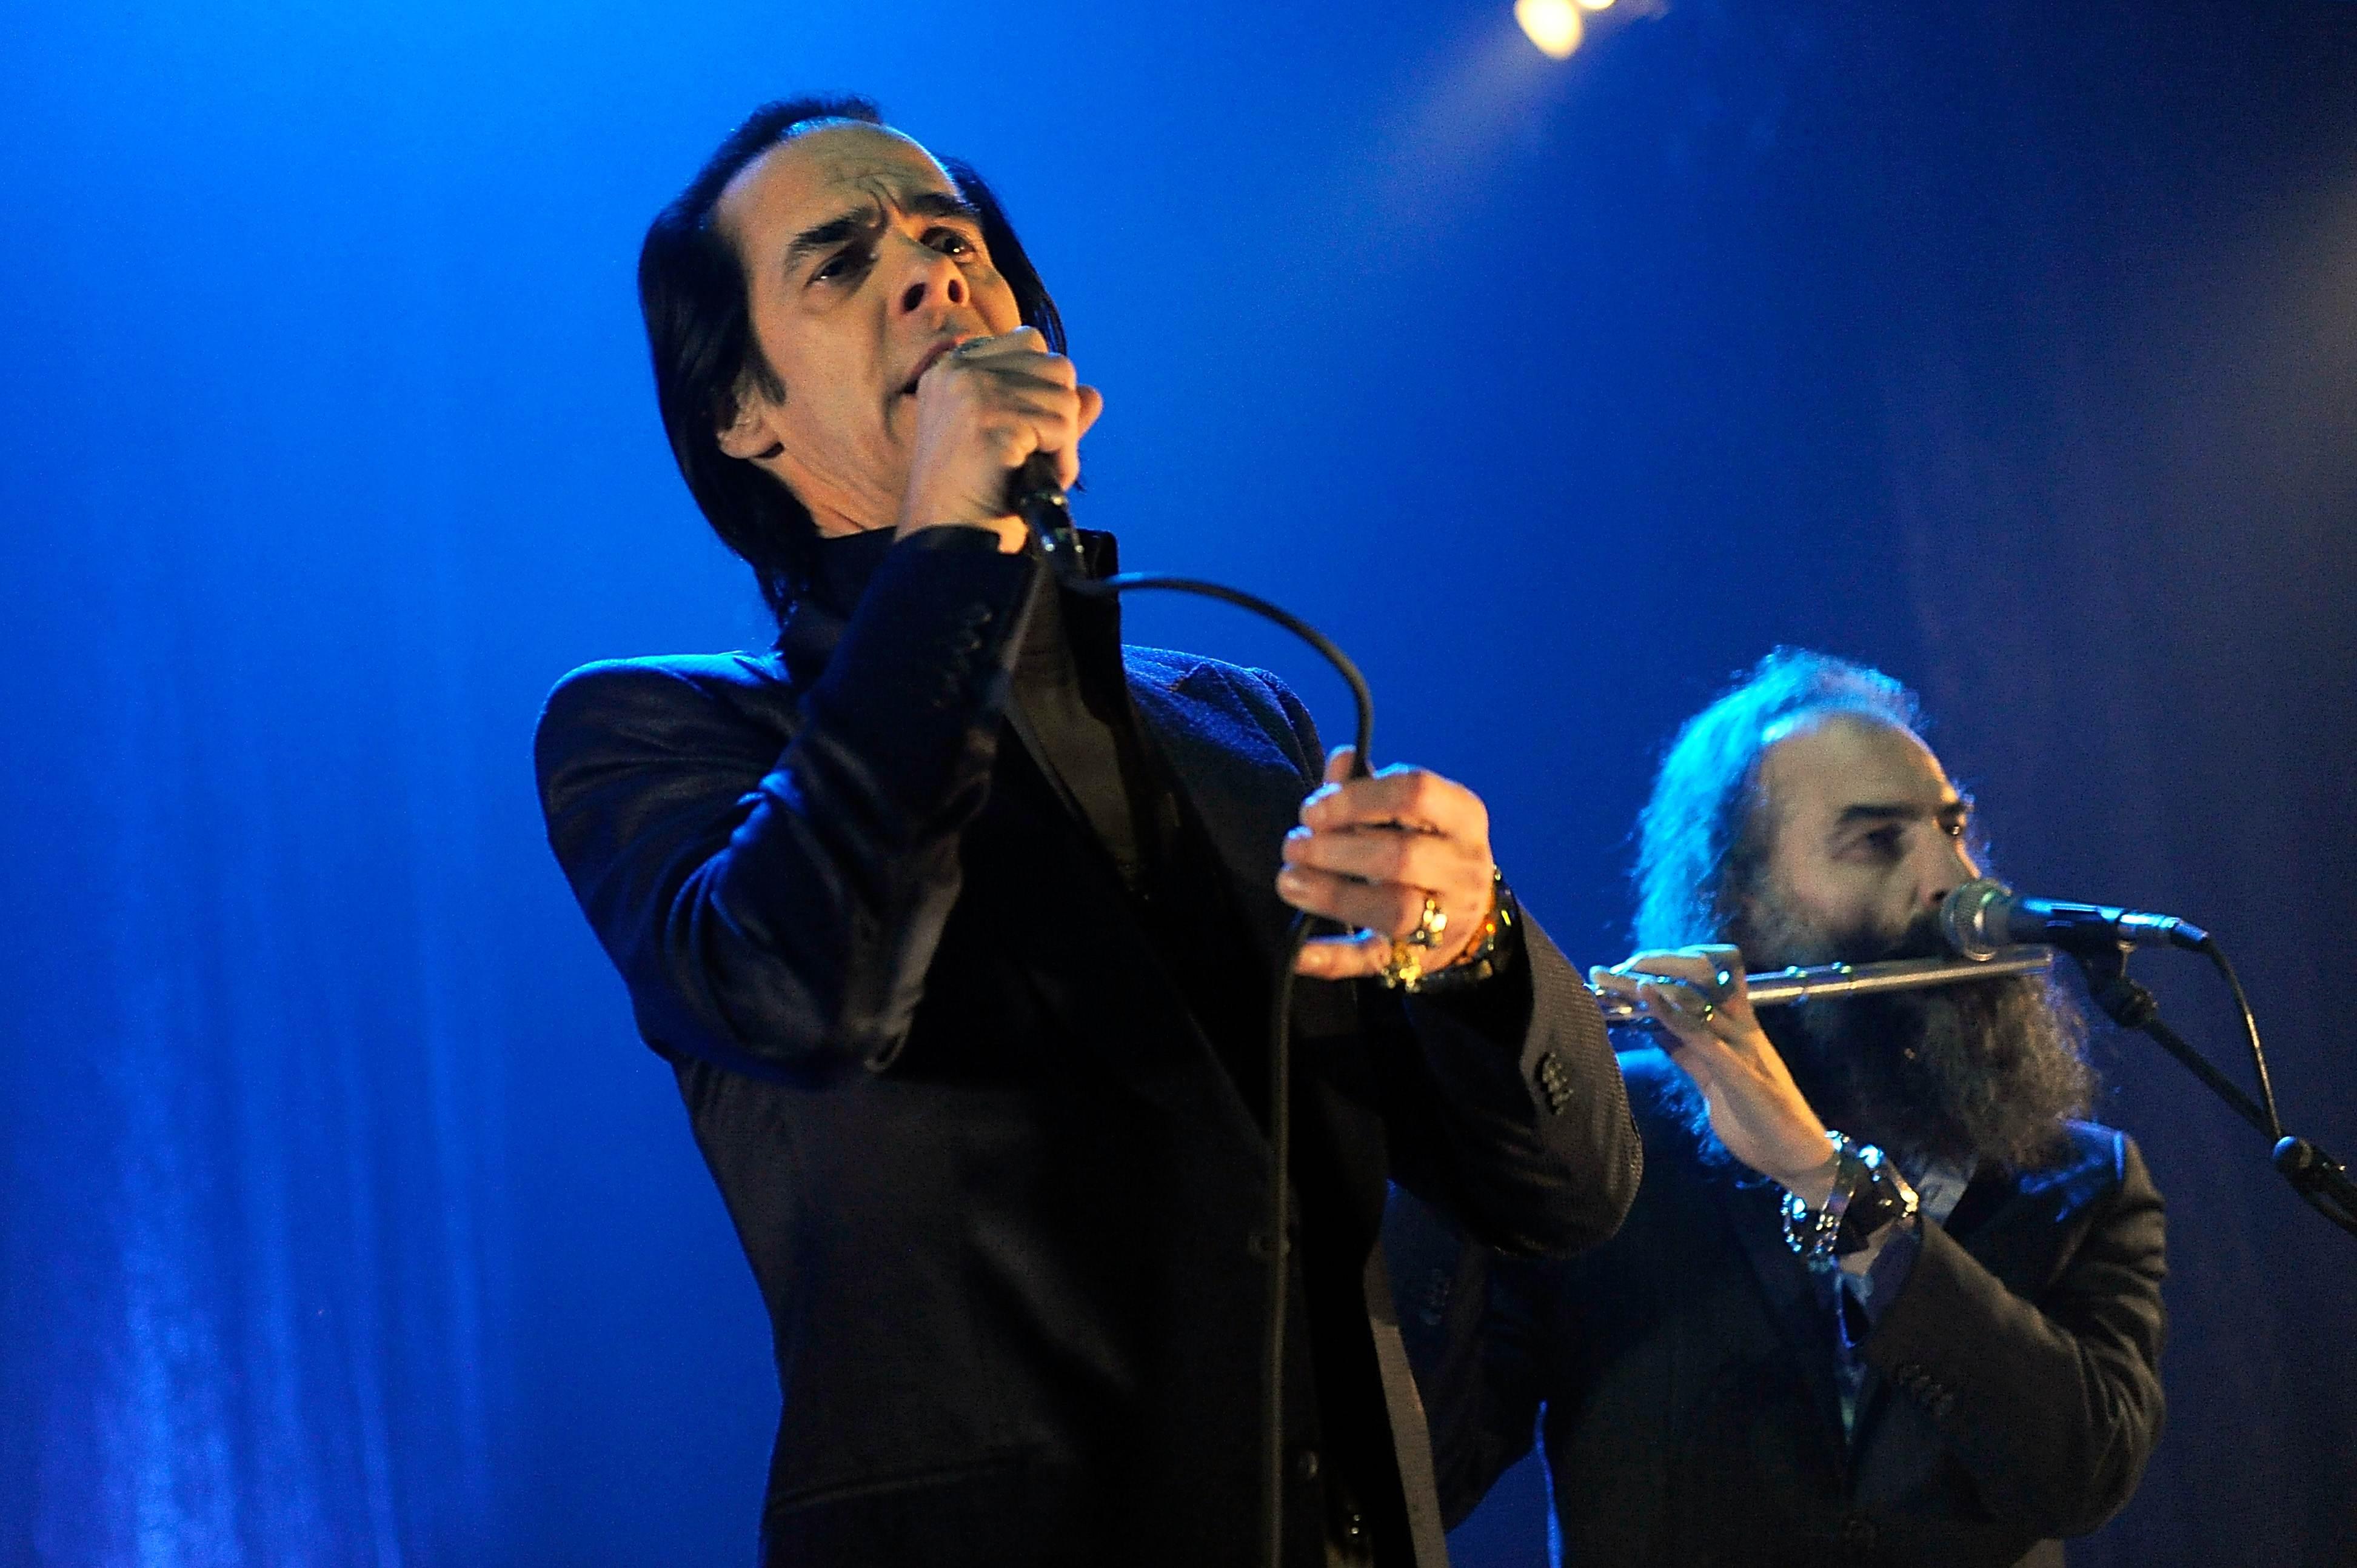 Nick Cave und Warren Ellis bei einem gemeinsamen Konzert mit den Bad Seeds